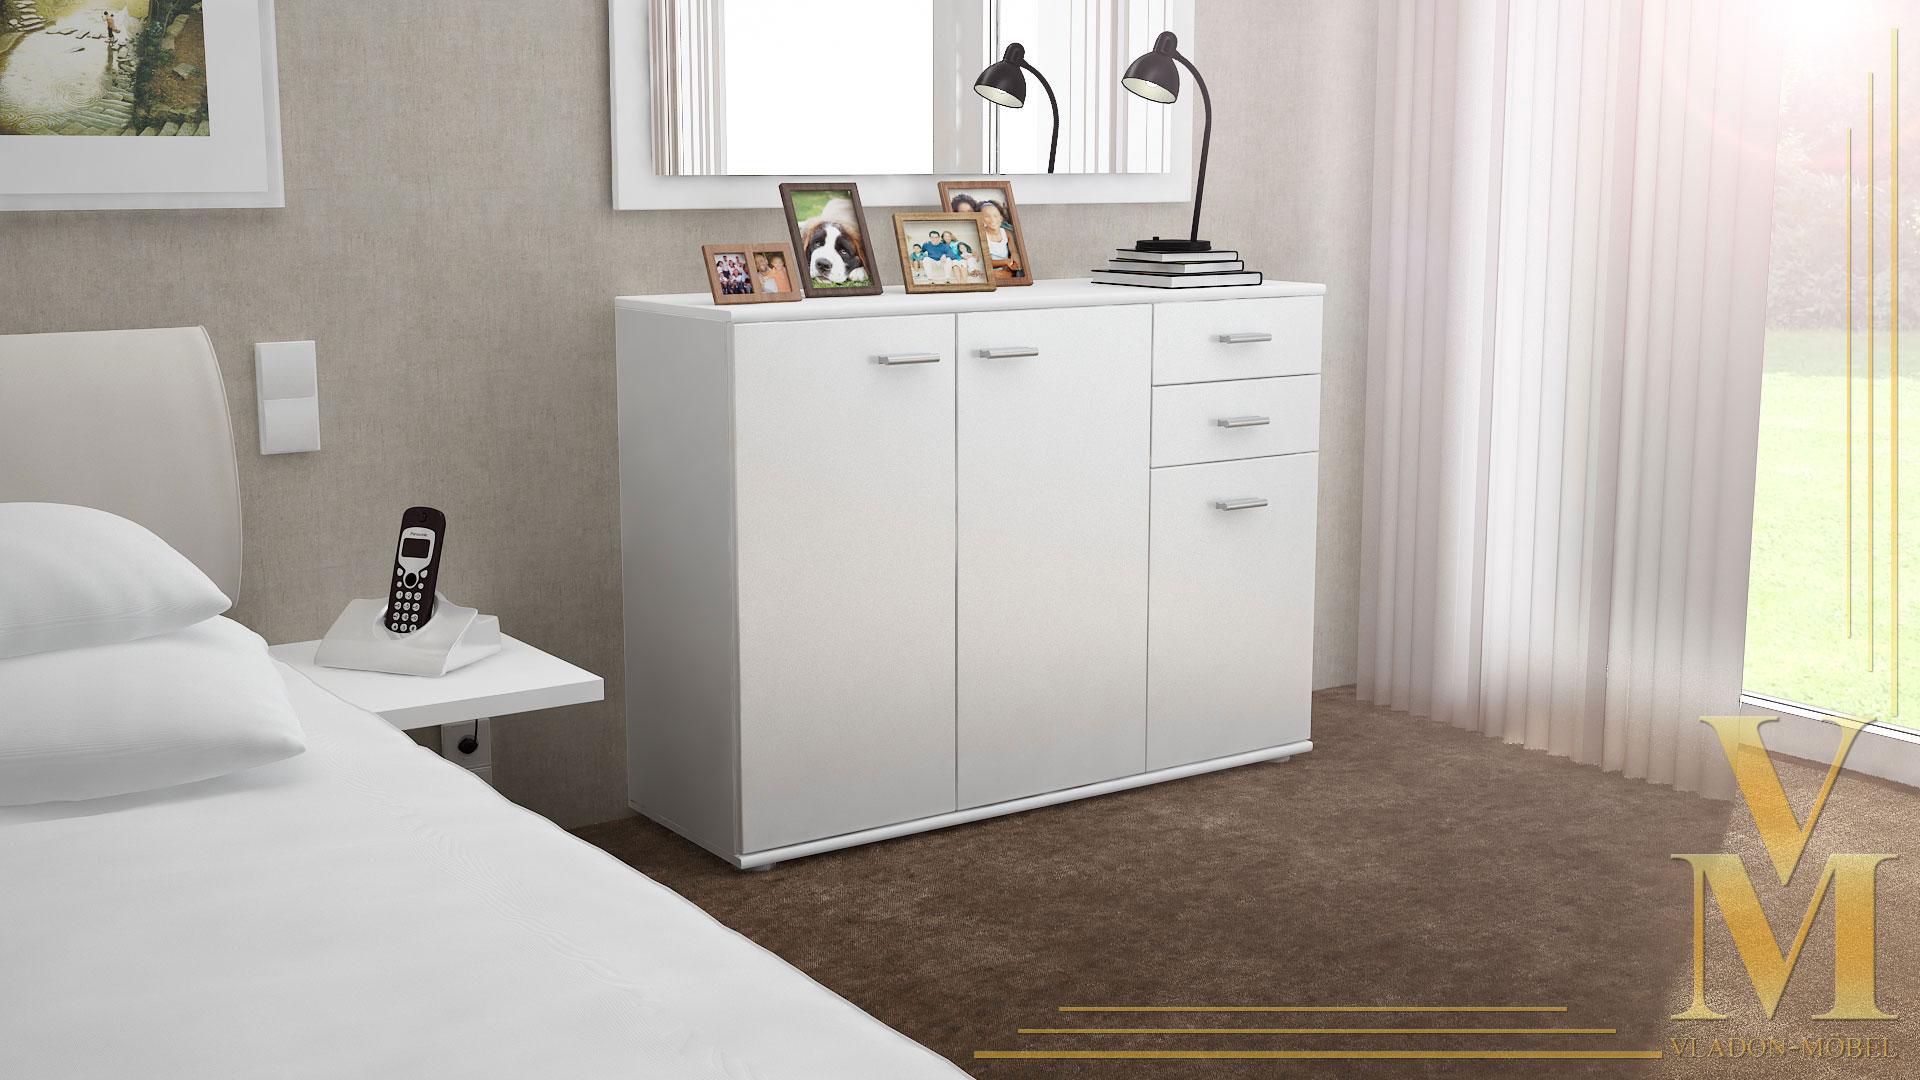 schrank hochglanz wei lackieren interessante ideen f r die gestaltung eines. Black Bedroom Furniture Sets. Home Design Ideas